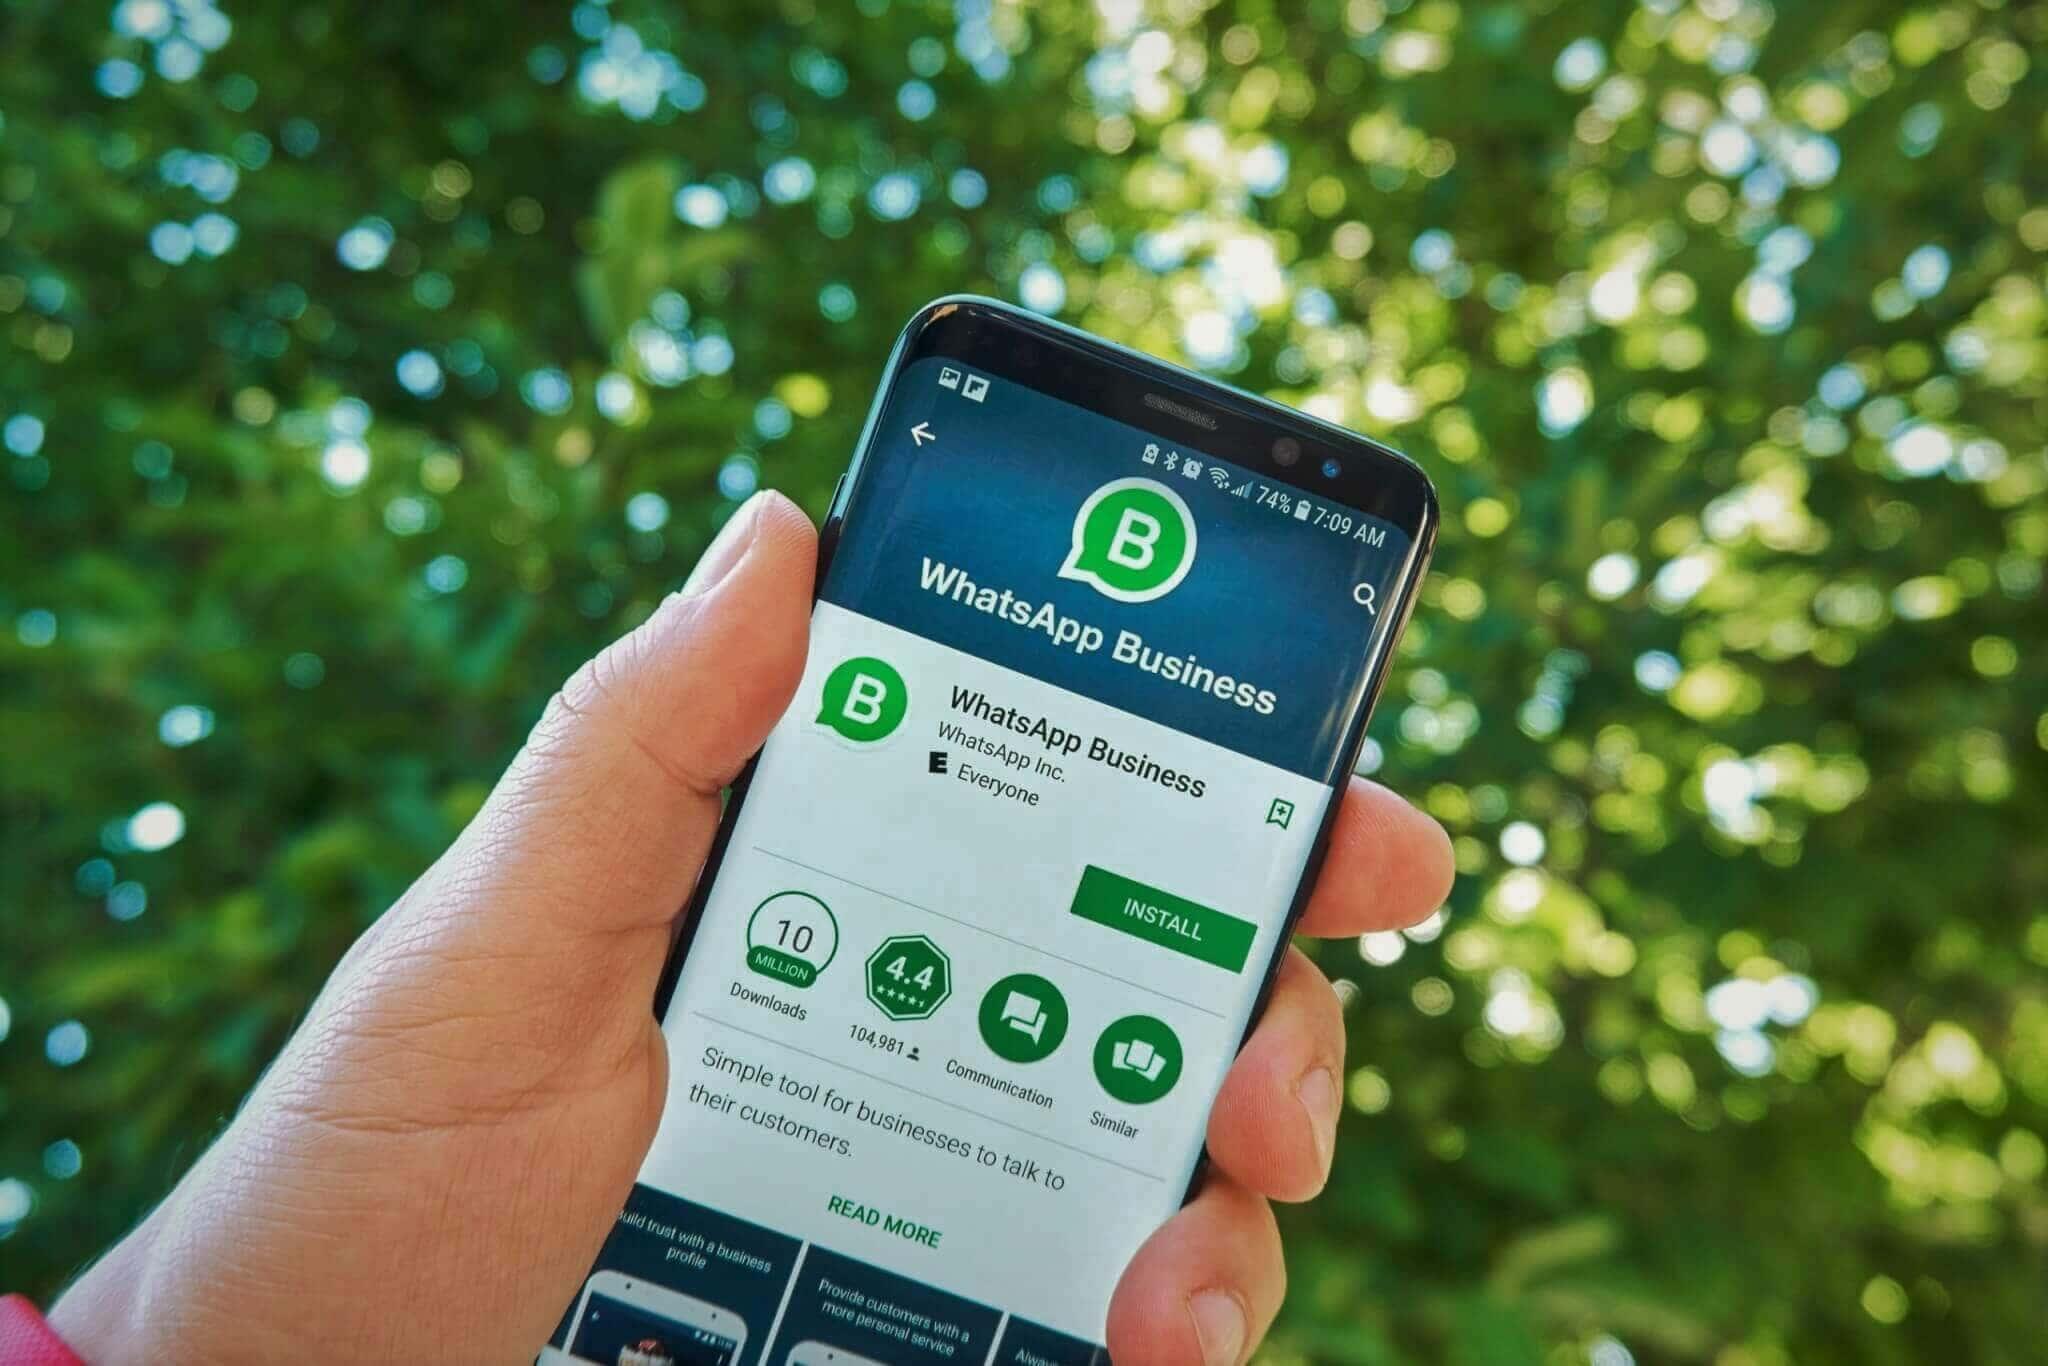 dicas de vendas pelo whatsapp business